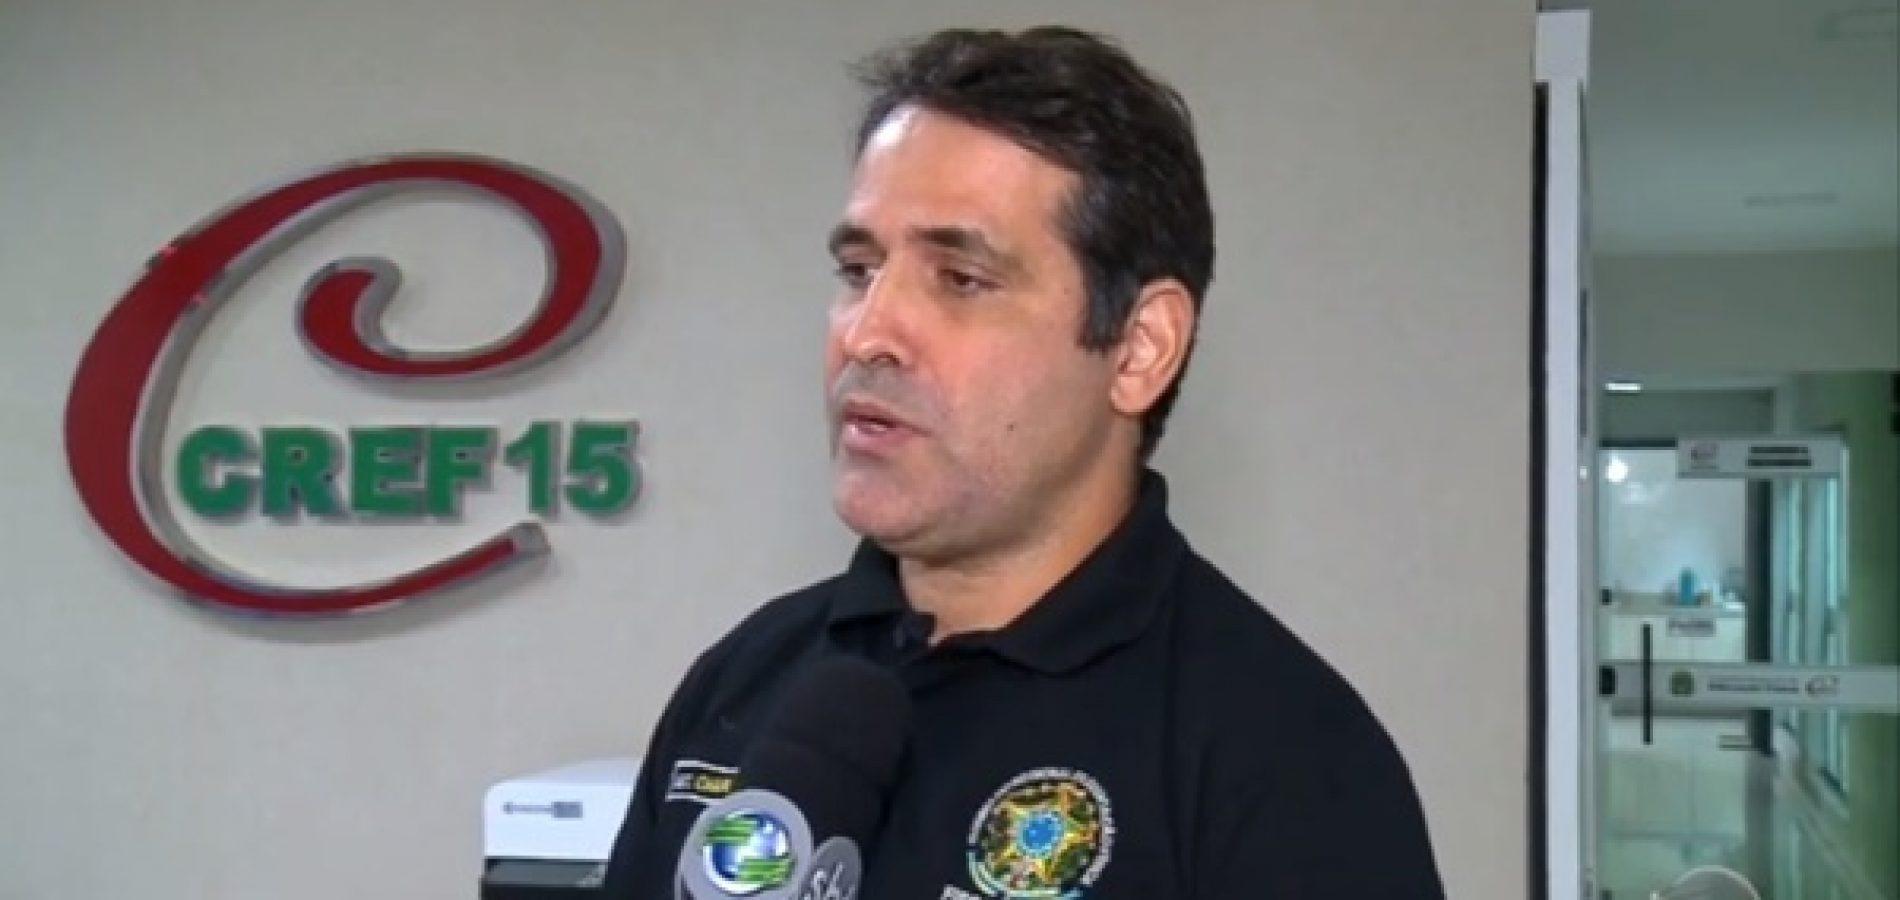 Conselho de Educação Física fecha 24 academias no Piauí só no 1º semestre